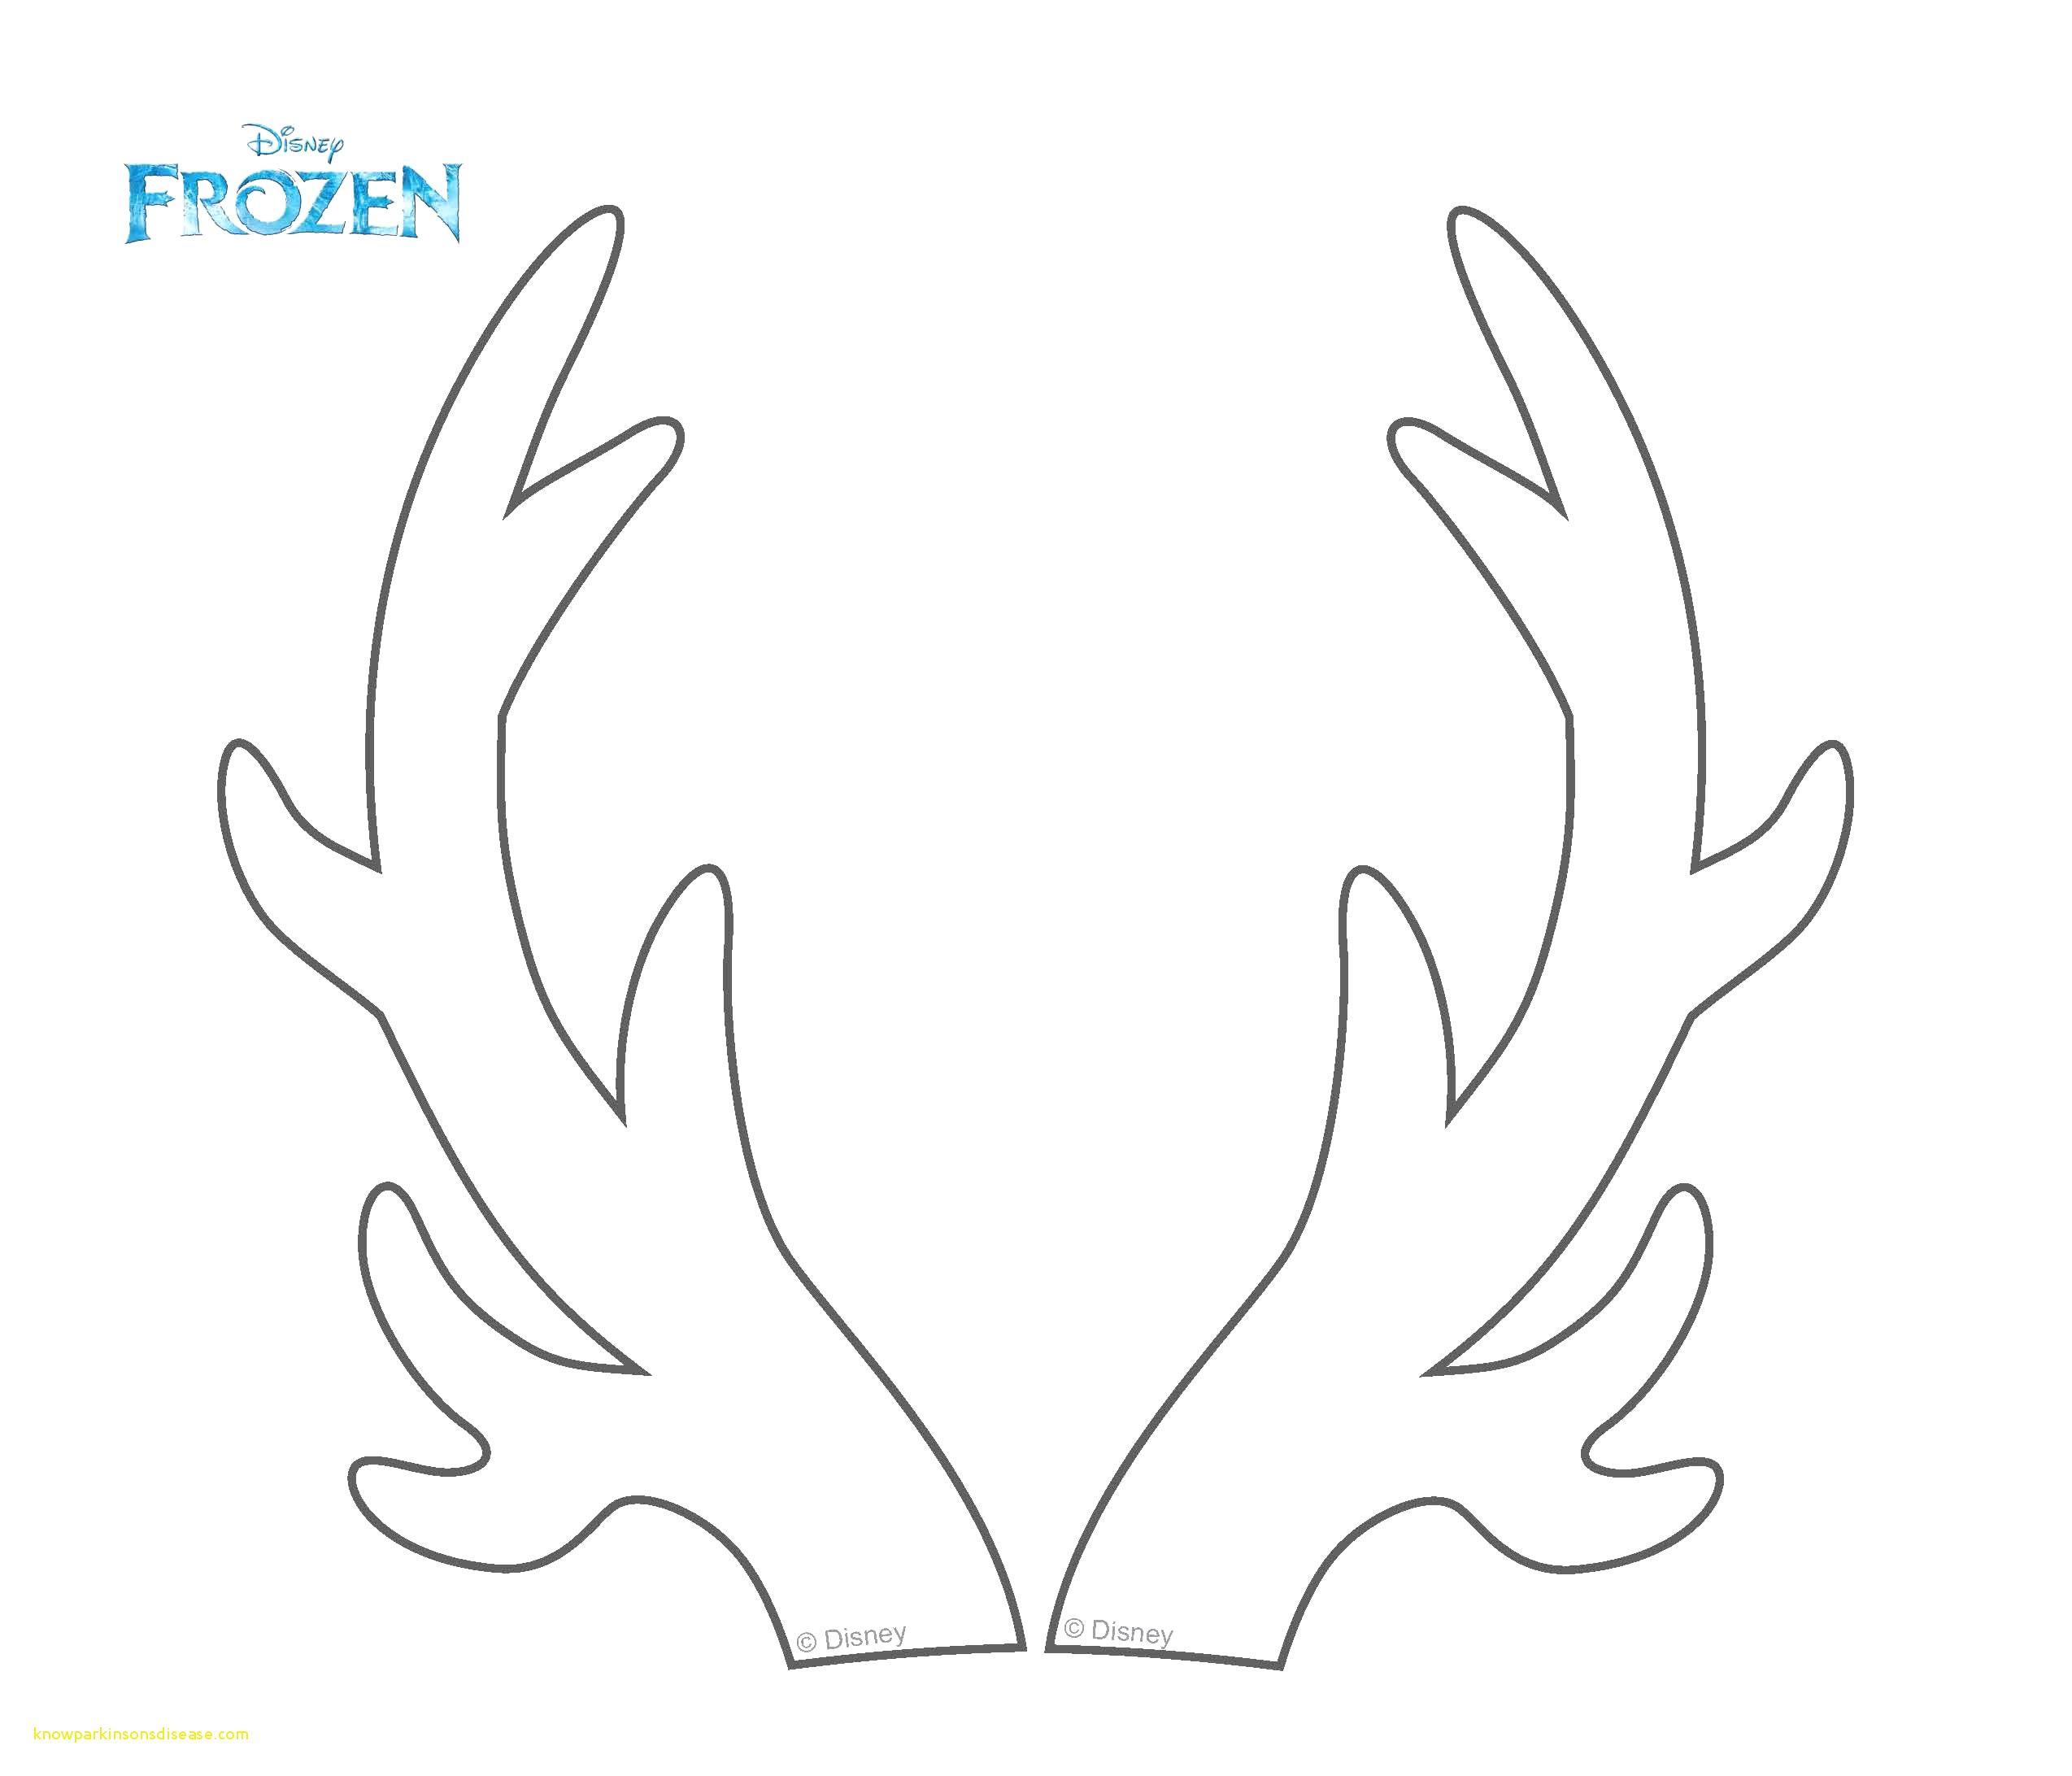 Reindeer Antlers Coloring Page Xl Display